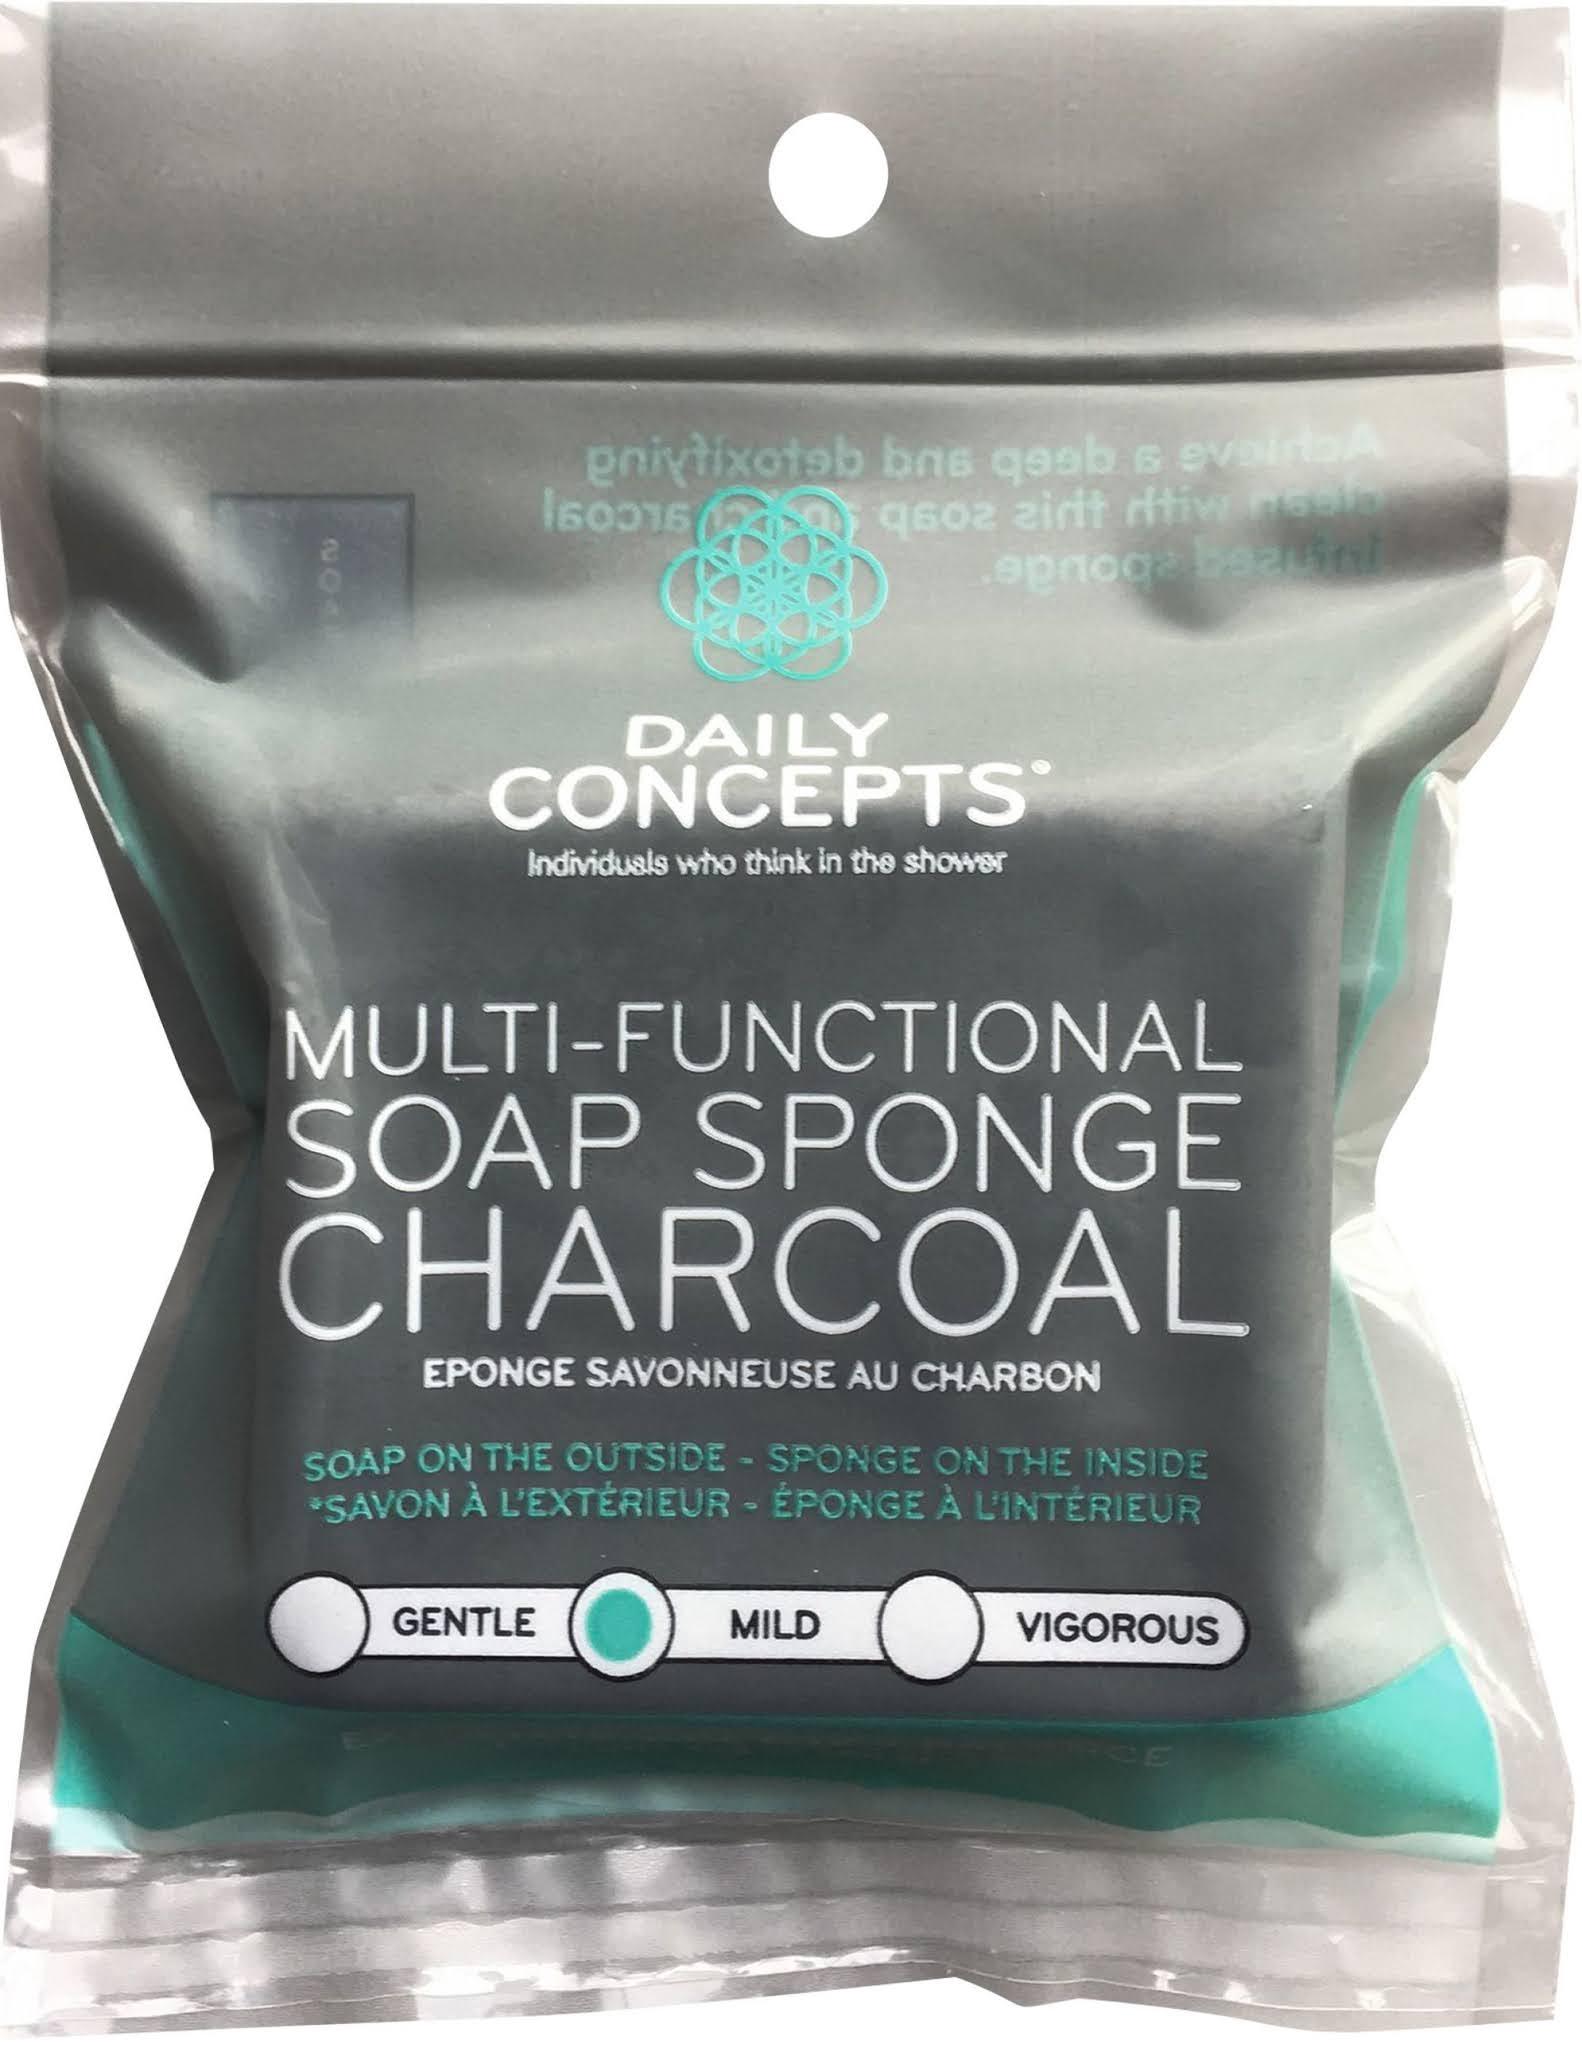 l'éponge savonneuse au charbon de la marque Daily Concepts